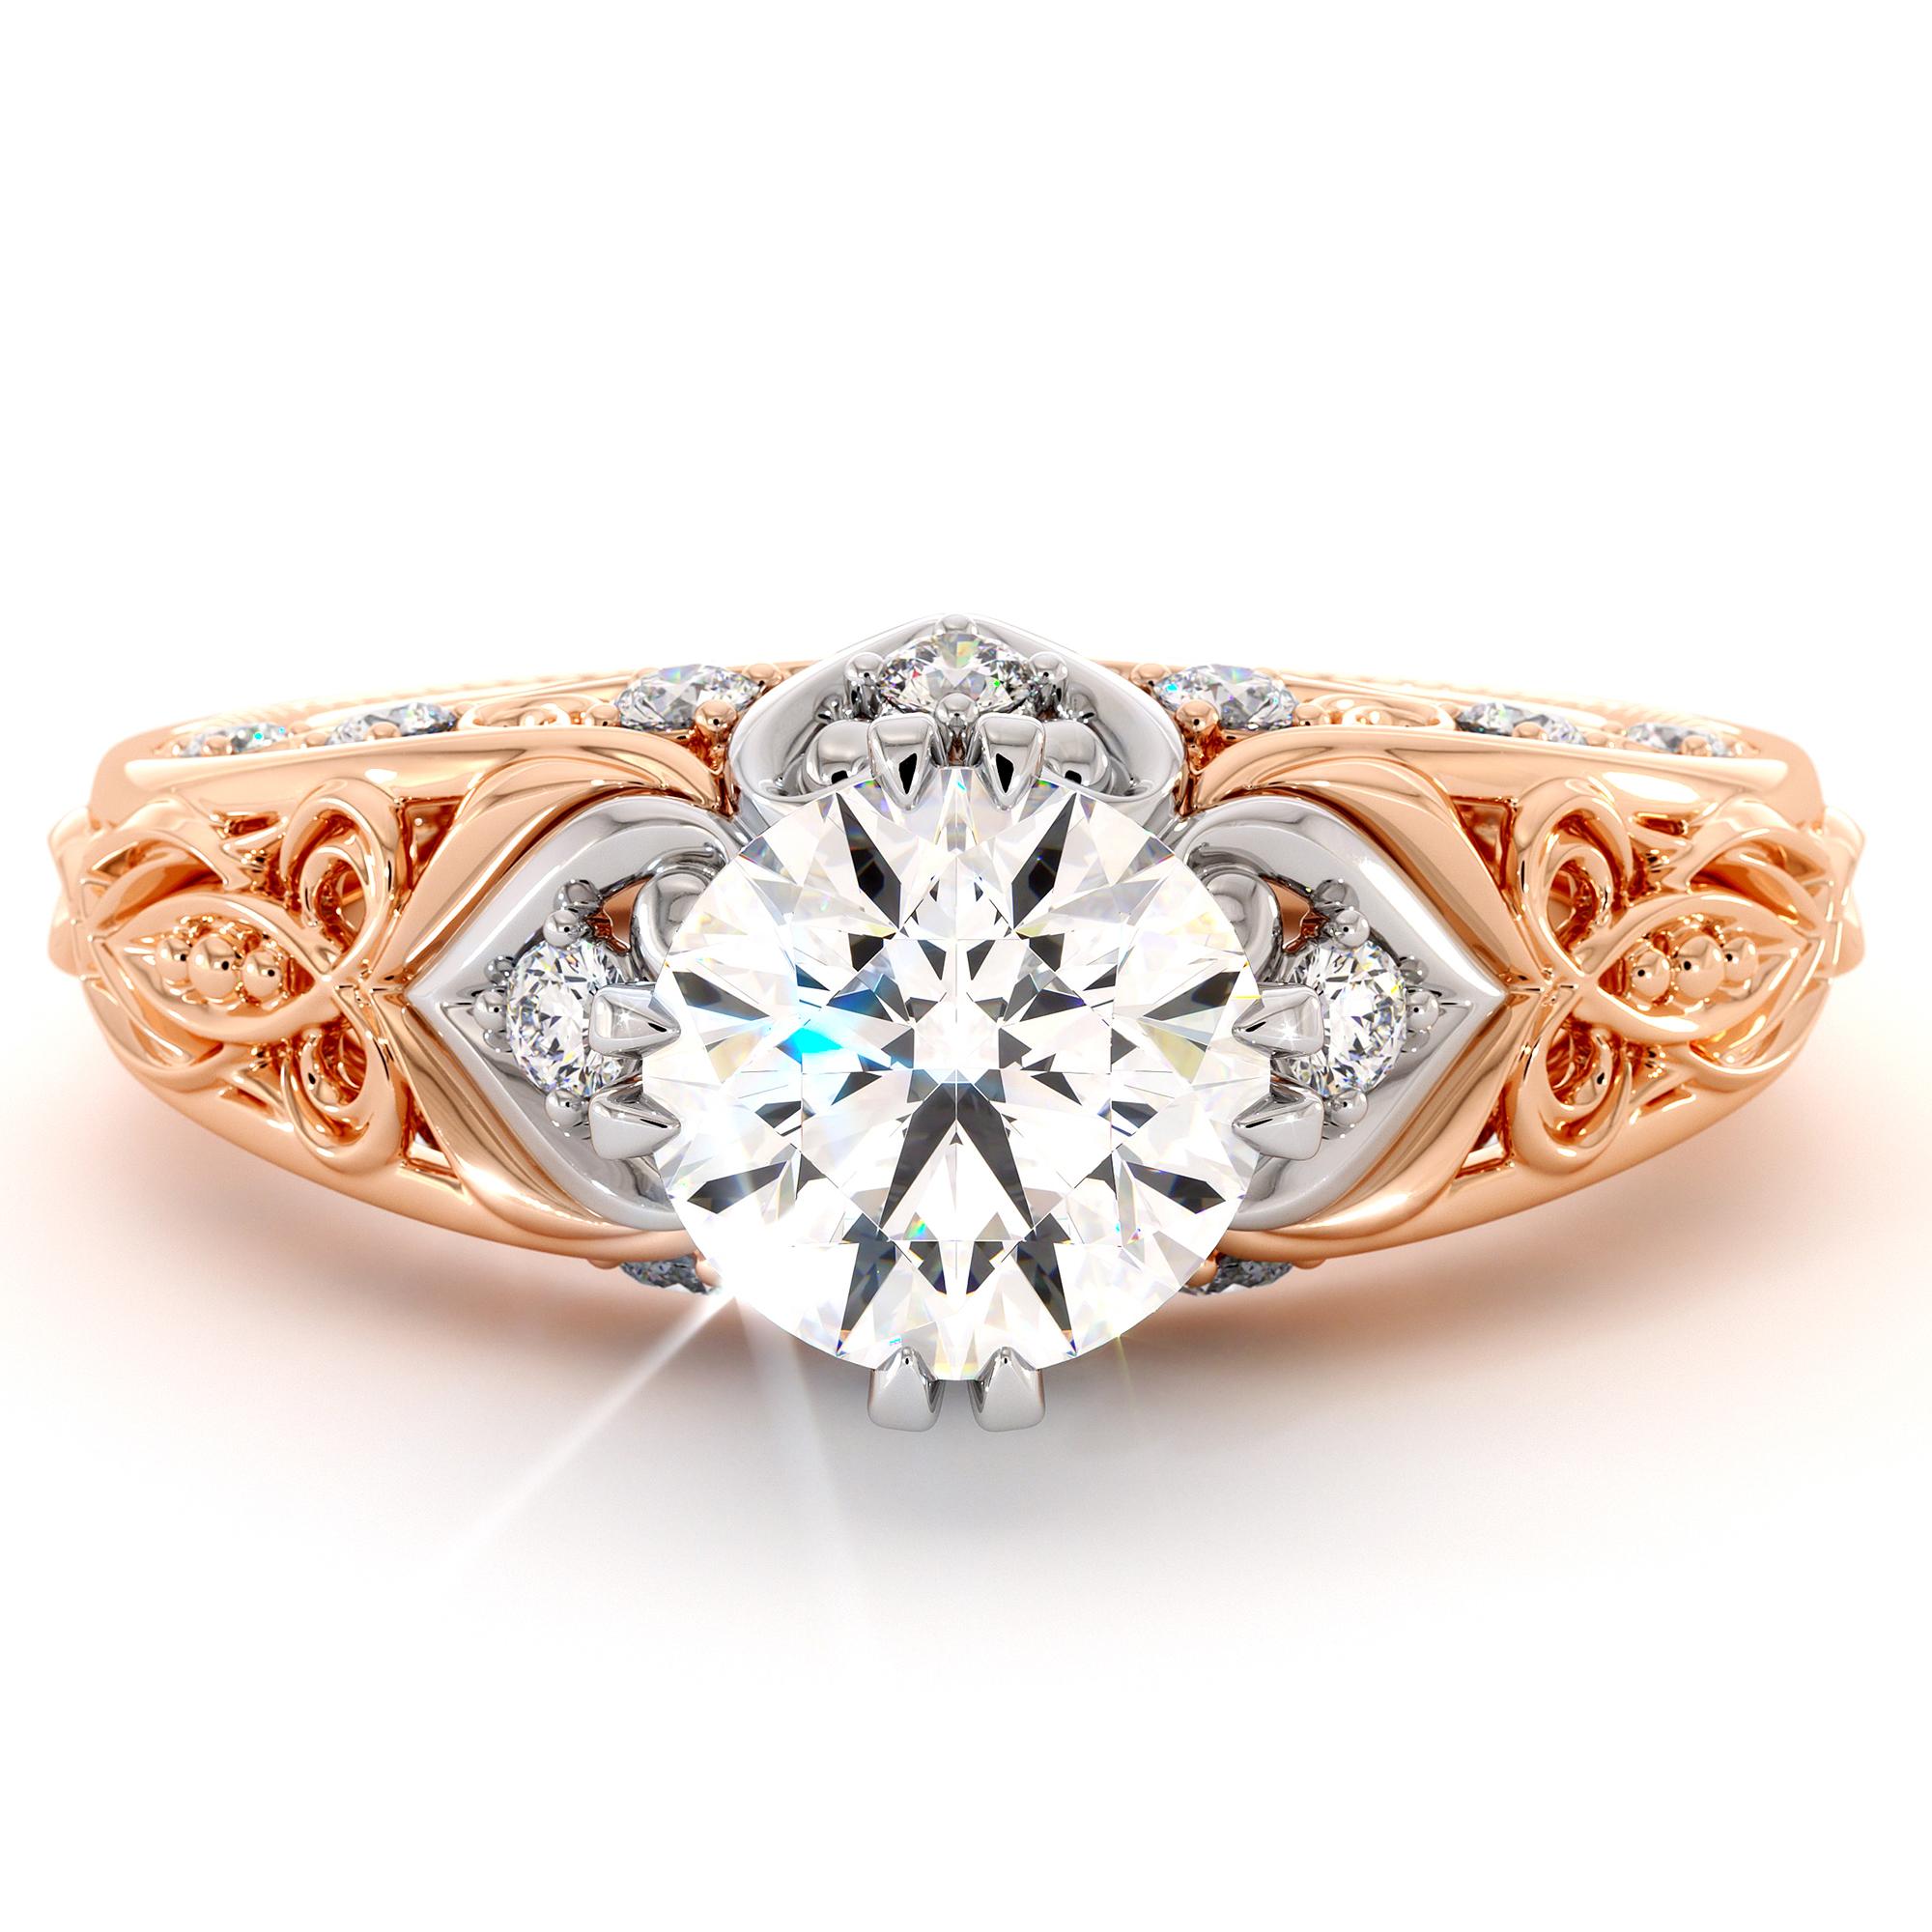 Unique Two Tone Gold Regal Engagement Ring